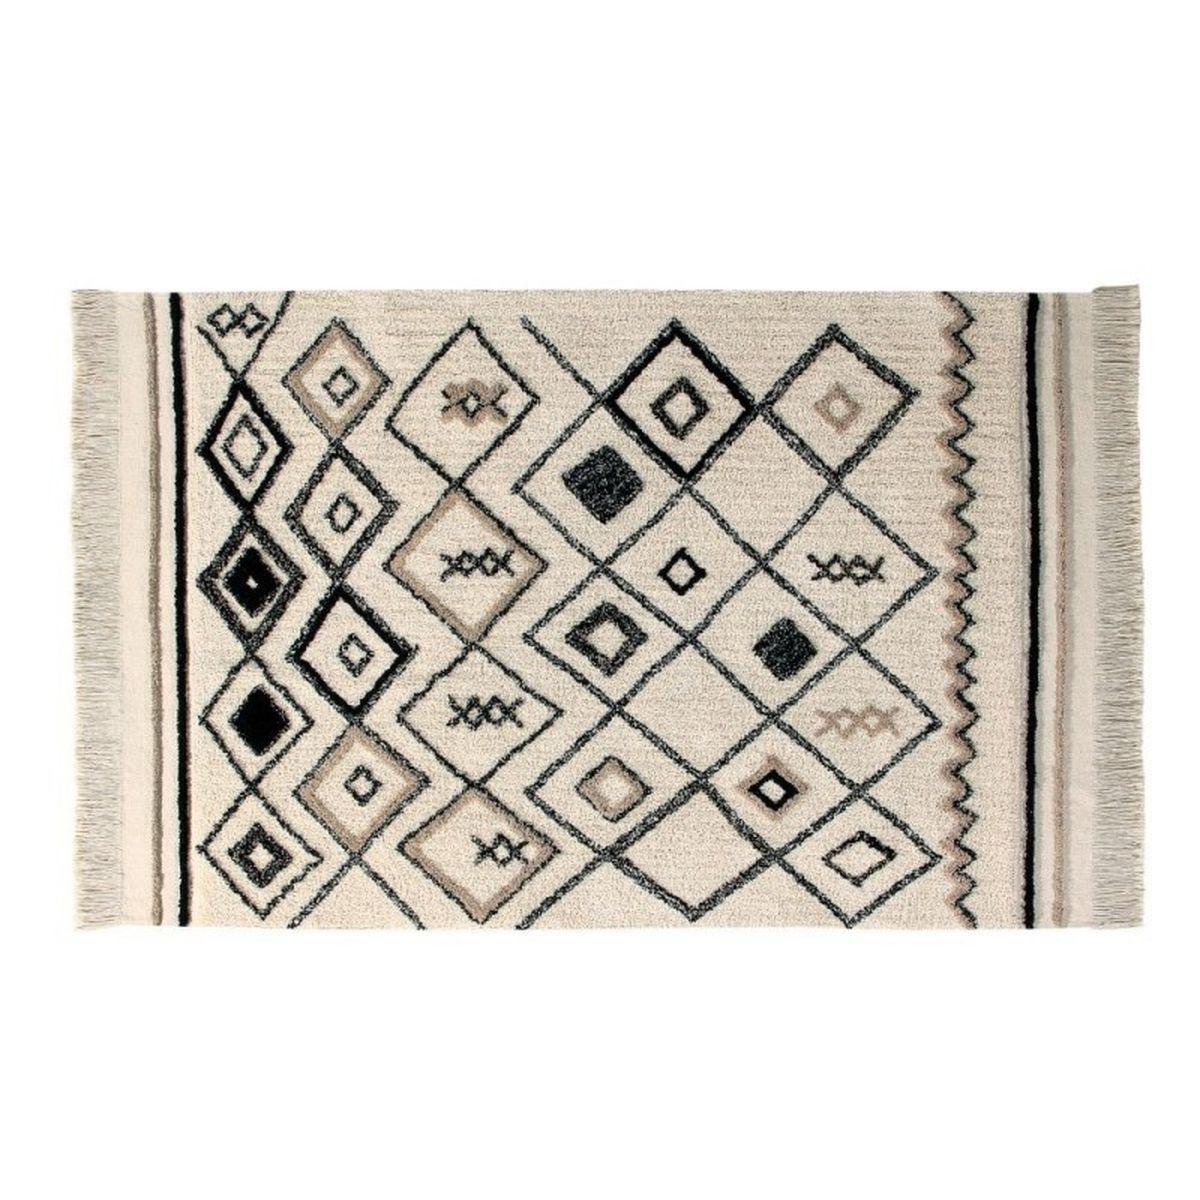 Tapis 120x180cm BEREBER Lorena Canals ethnic